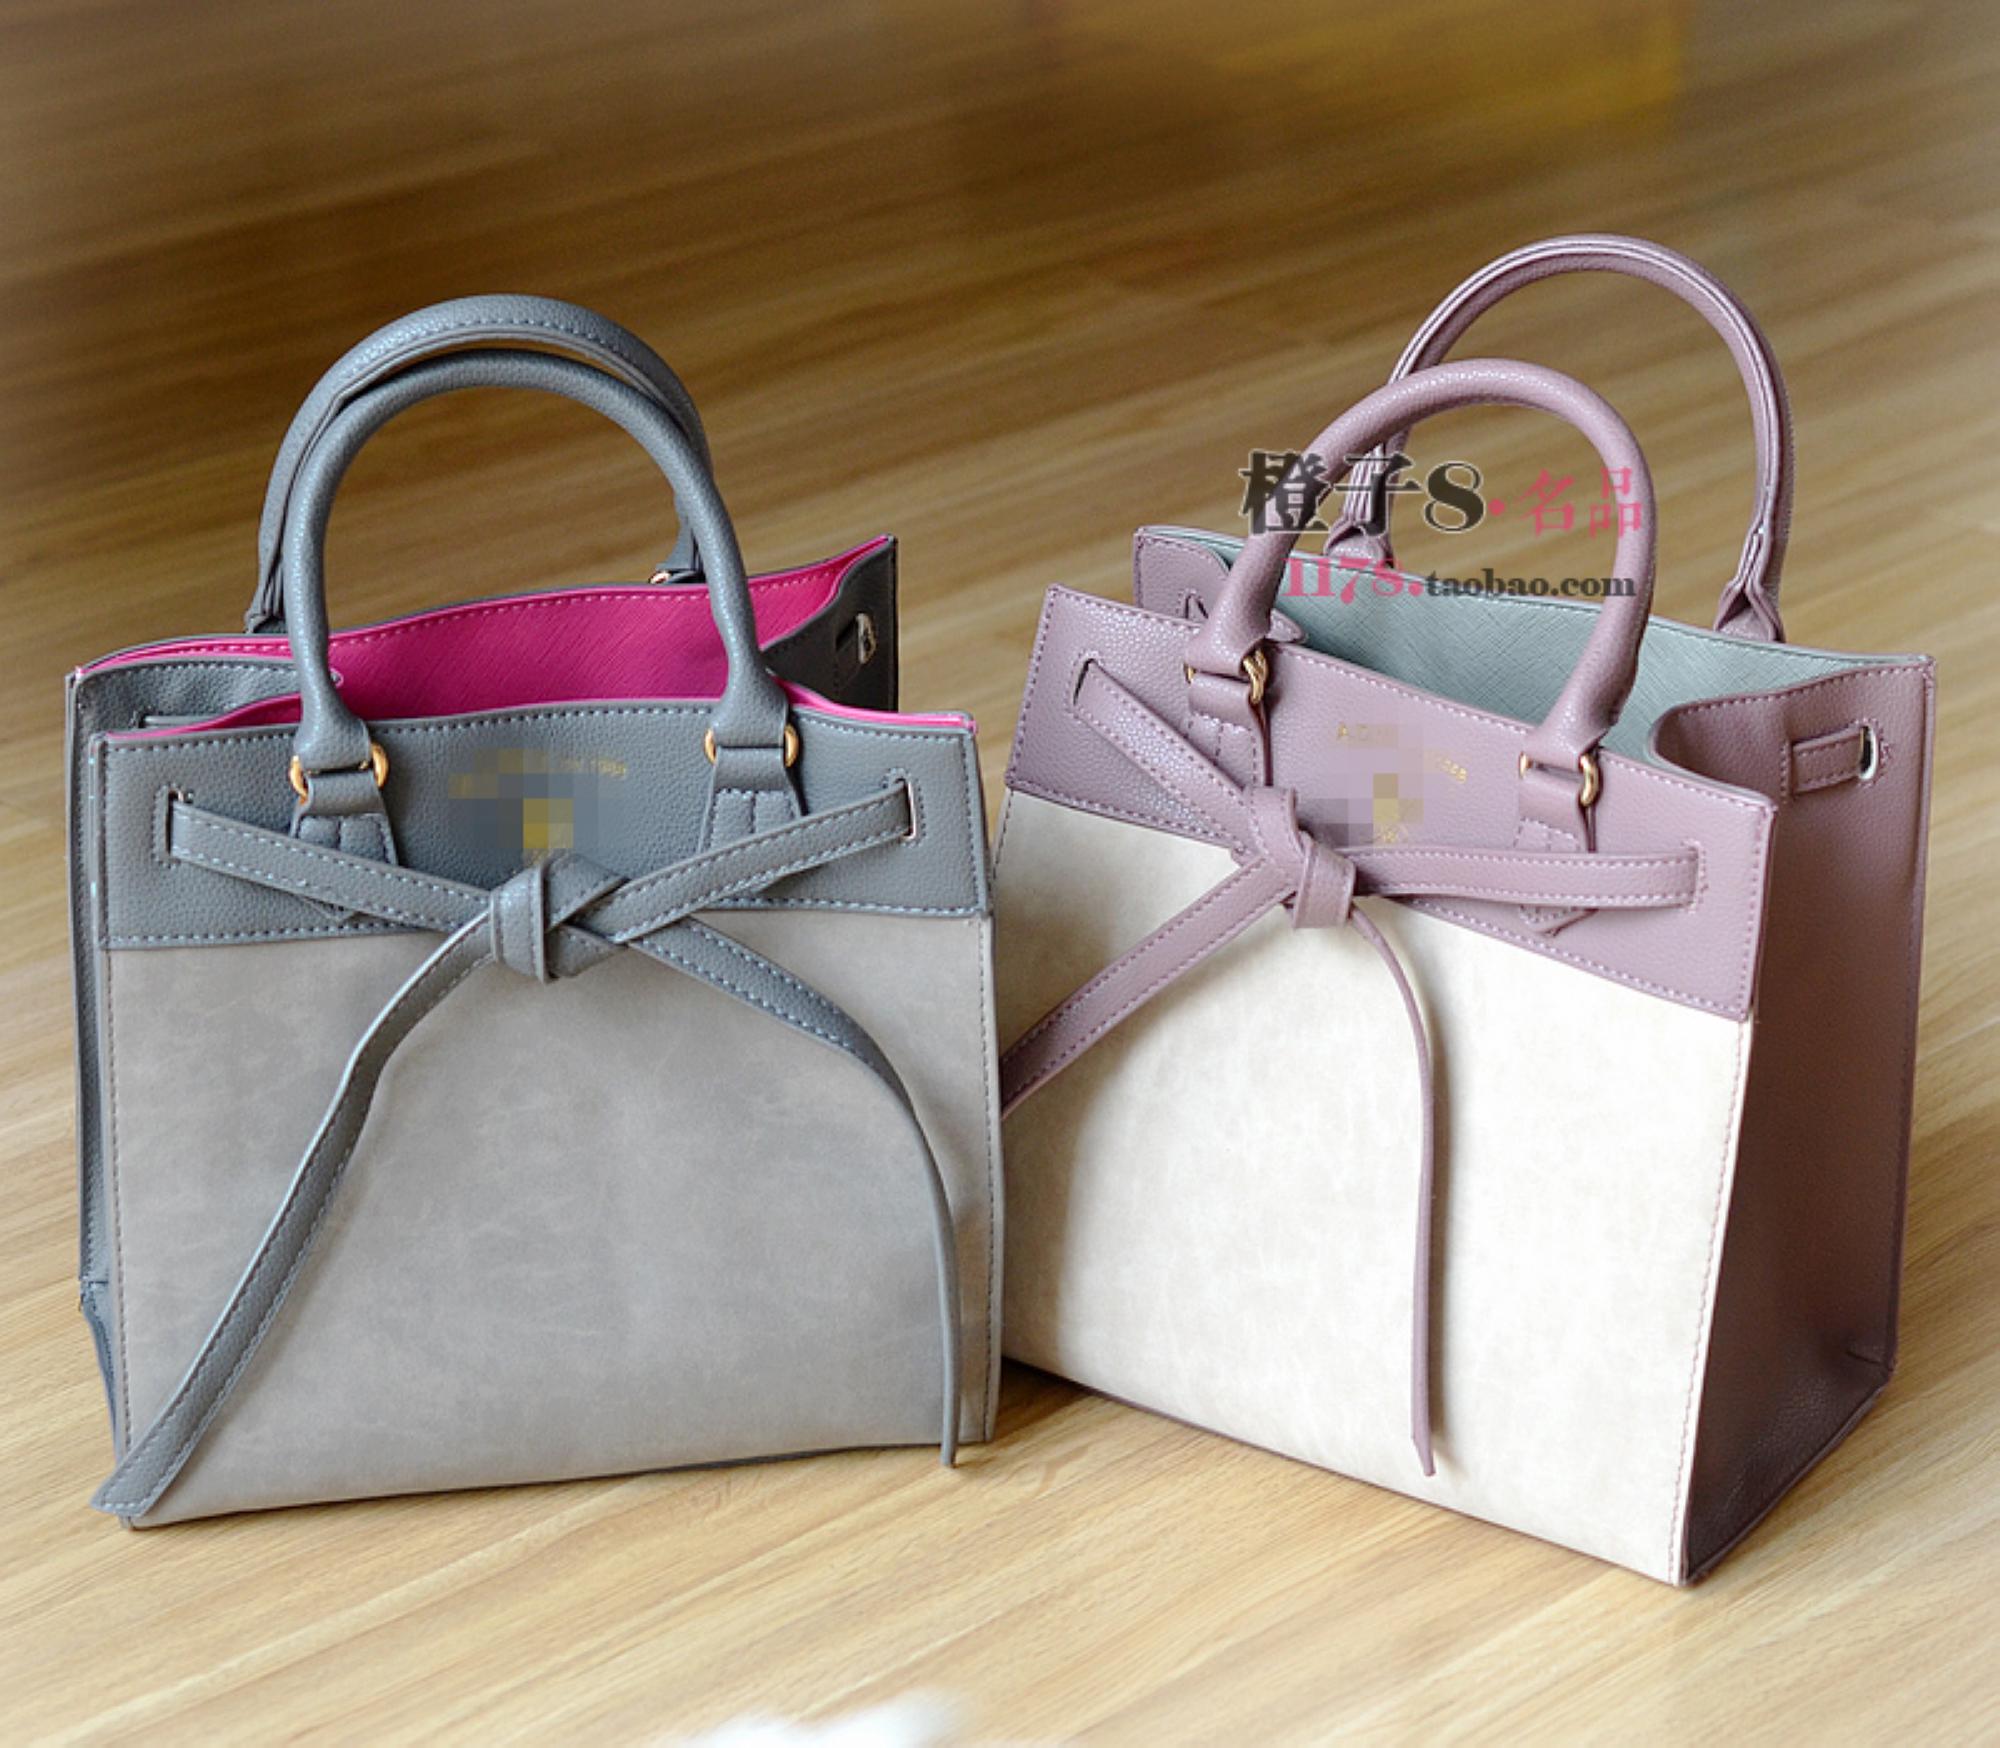 SK-II/SK2满额礼 日本贵妇品牌手袋 PU手拎包 托特包 带肩袋